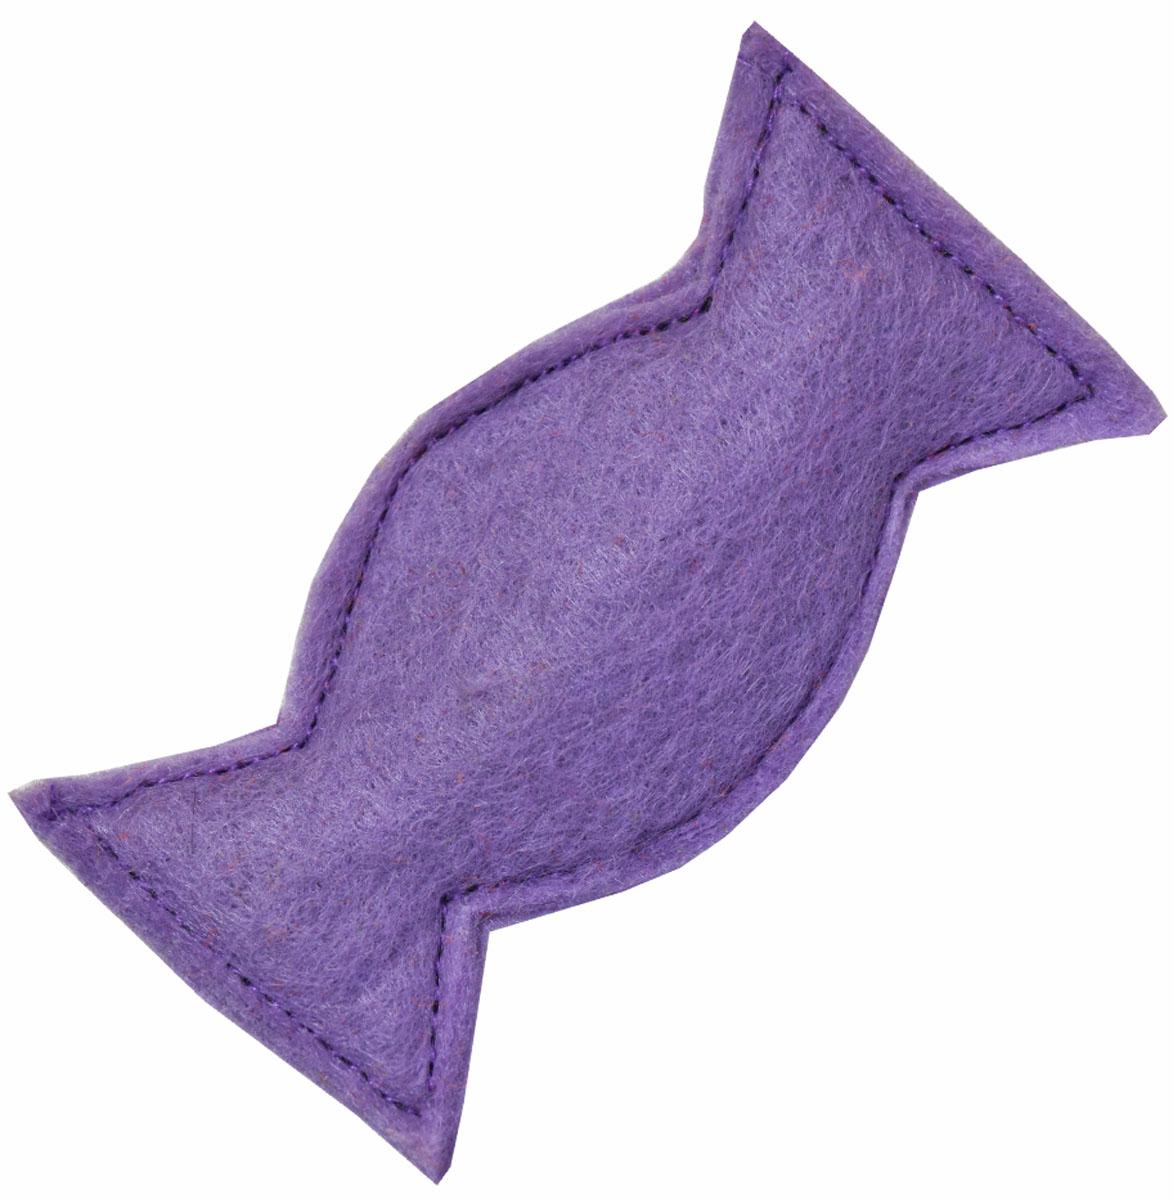 Игрушка для кошек Smart Textile Мини Конфетка, с кошачьей мятой, цвет: фиолетовыйGC416Игрушка для кошек Smart Textile Мини Конфетка изготовлена из фетра и выполнена в виде конфеты. Наполнение игрушки состоит из 100% натуральной кошачьей мяты, которая заинтересует и успокоит питомца, тем самым даст возможность комфортно перенести дорогу или переезд.Миниатюрный размер игрушки позволит взять ее в любую поездку. Размеры: 8,5 х 4 х 1 см.